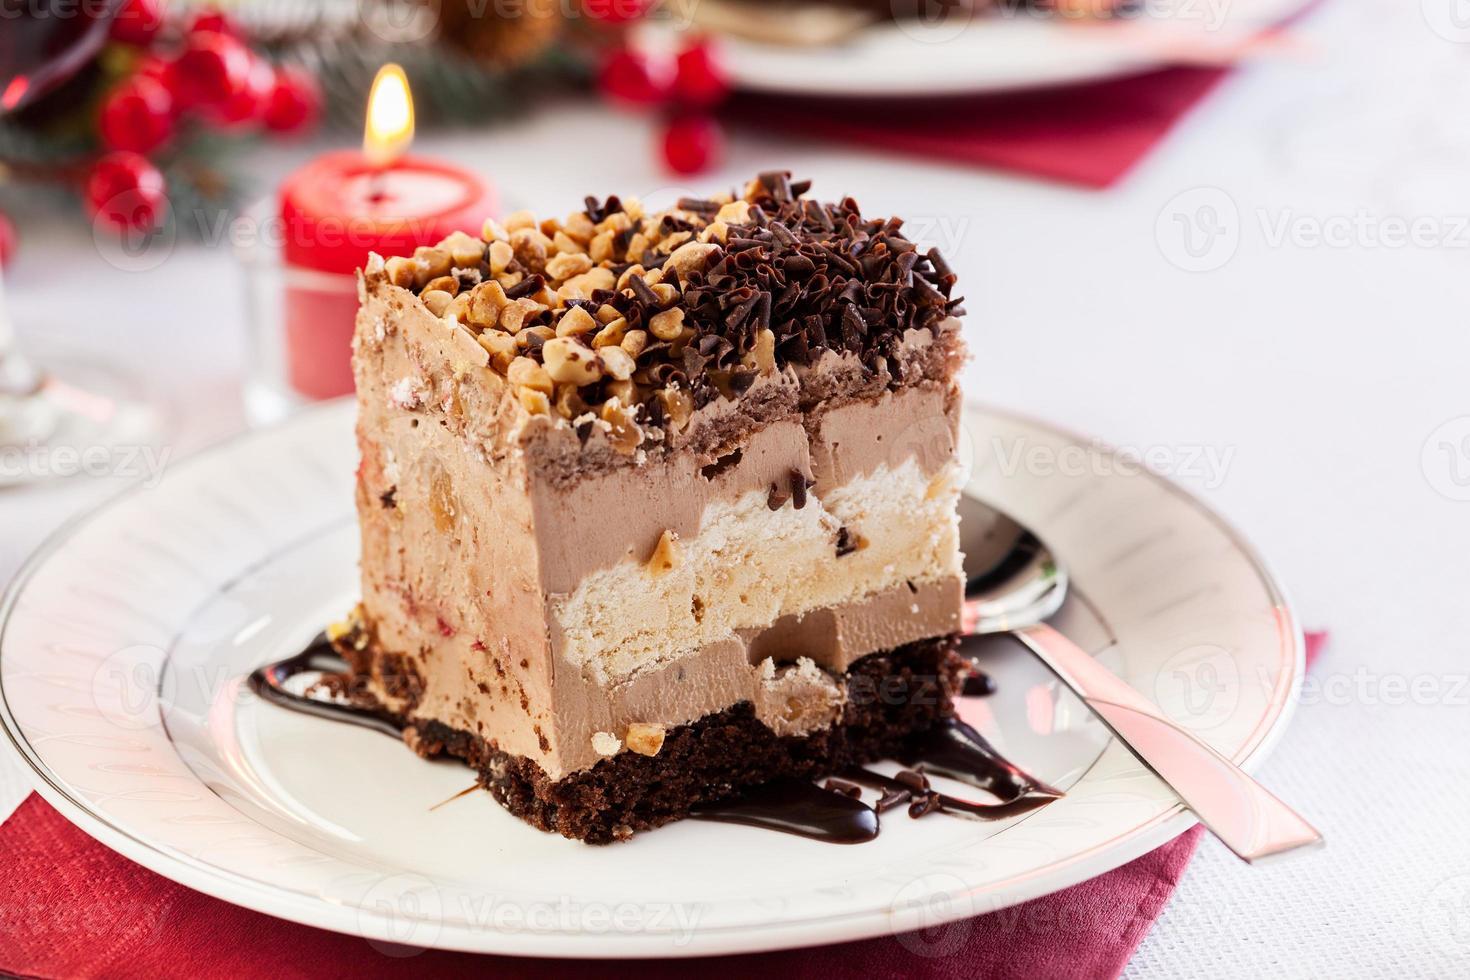 pedaço de bolo de merengue foto